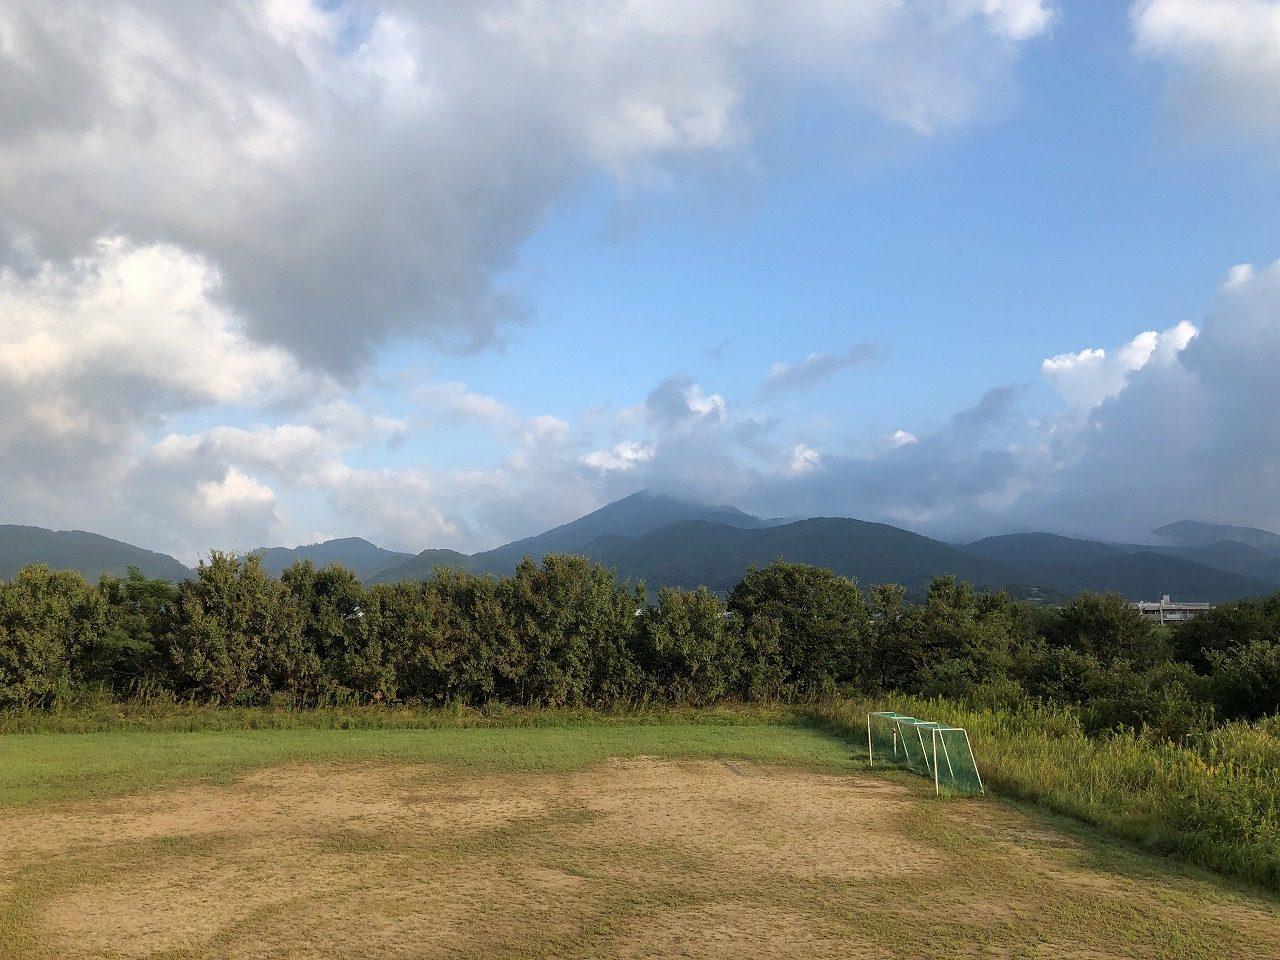 2019.10.4今朝の金峰山です。